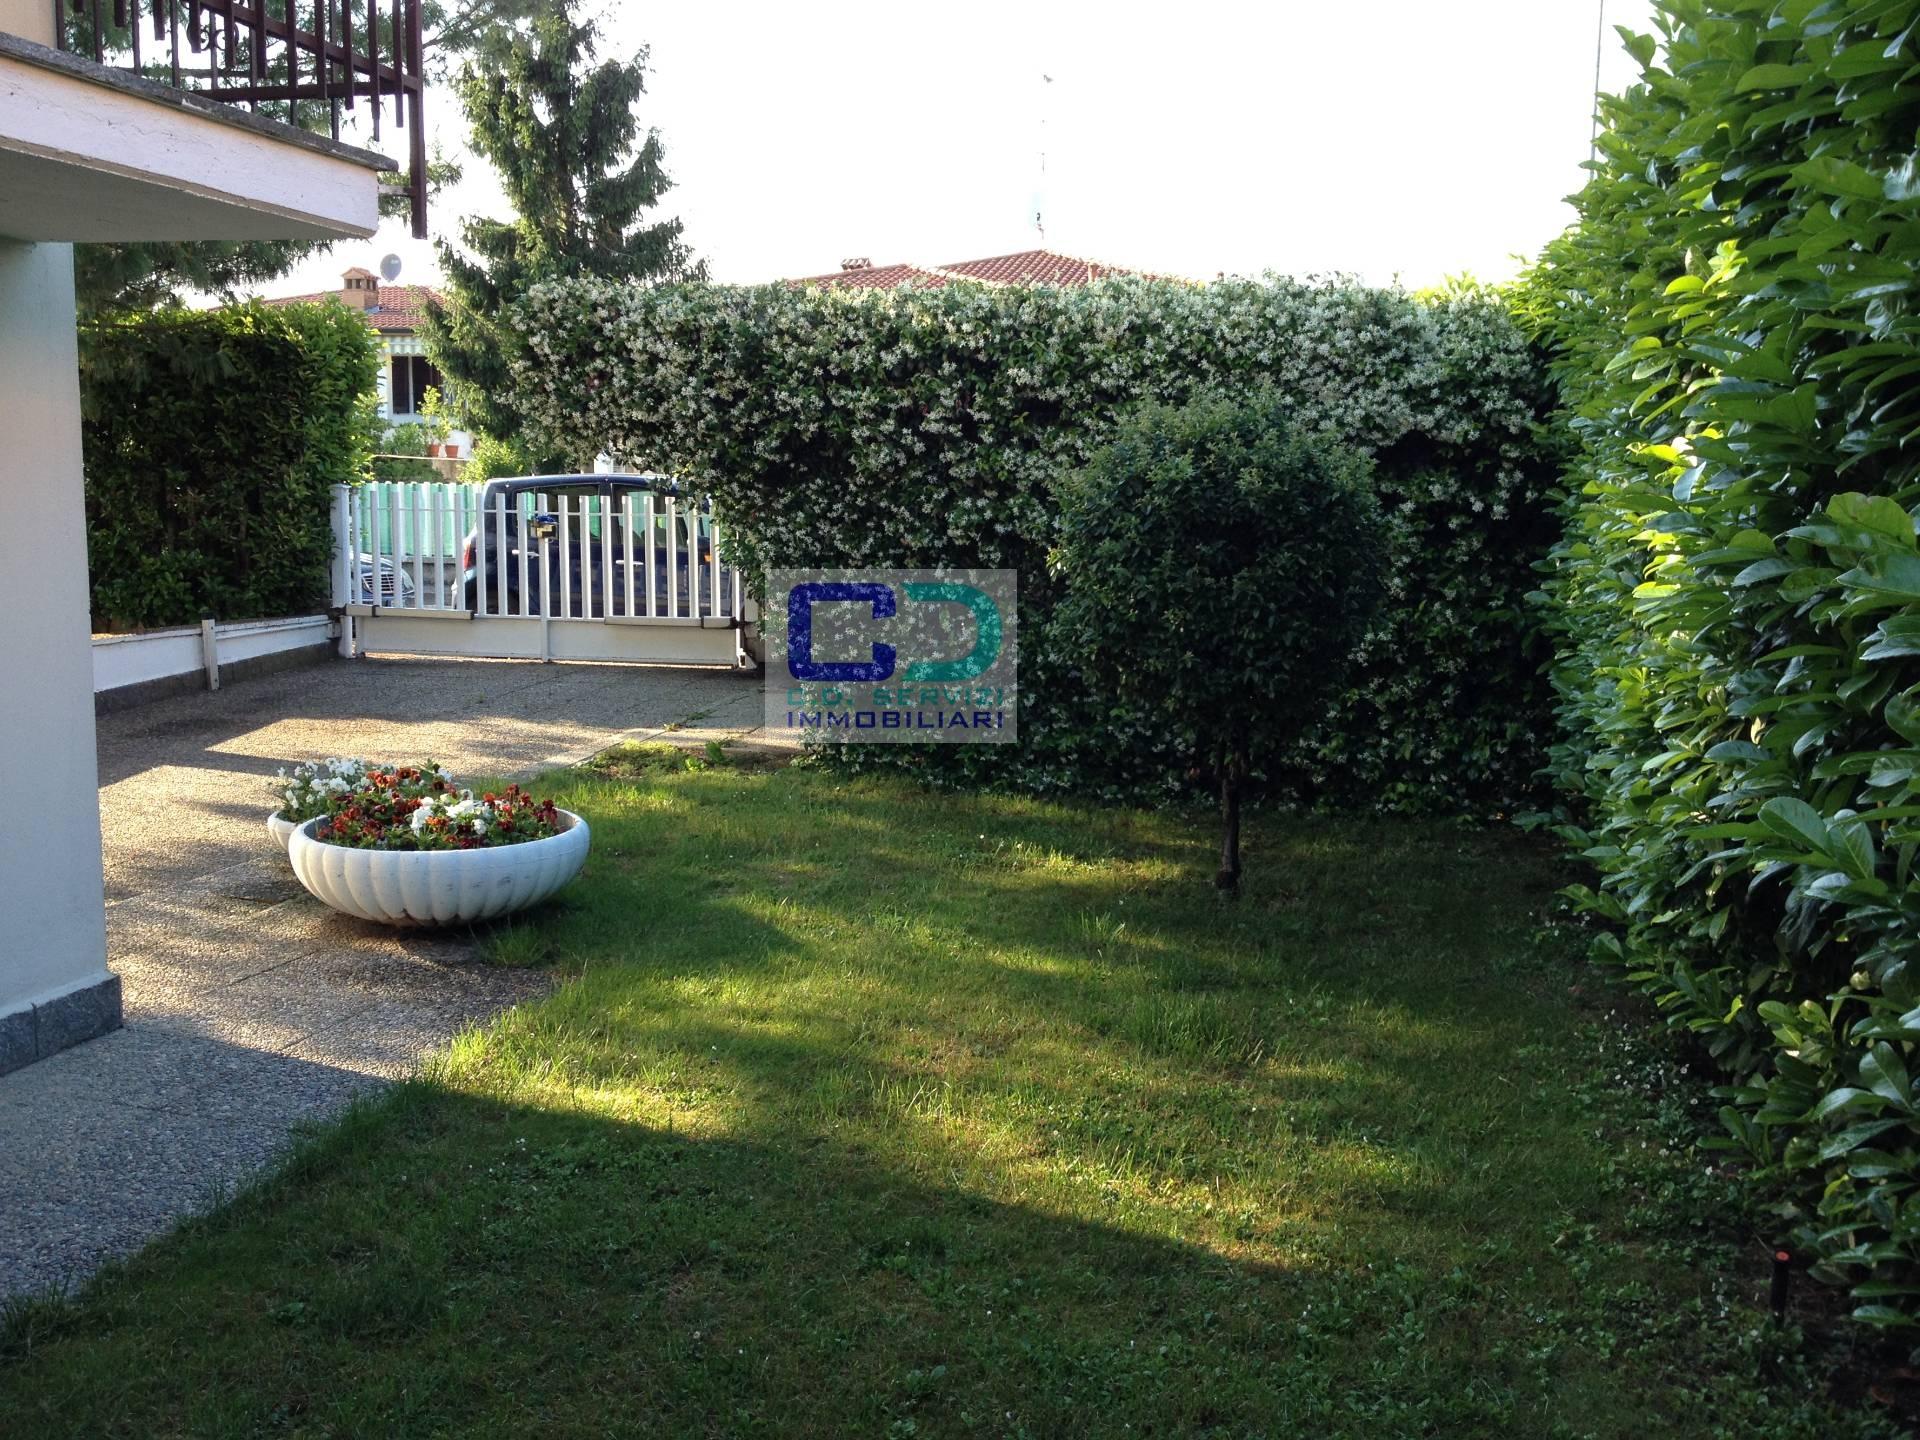 Villa in vendita a Arzago d'Adda, 3 locali, prezzo € 390.000 | CambioCasa.it